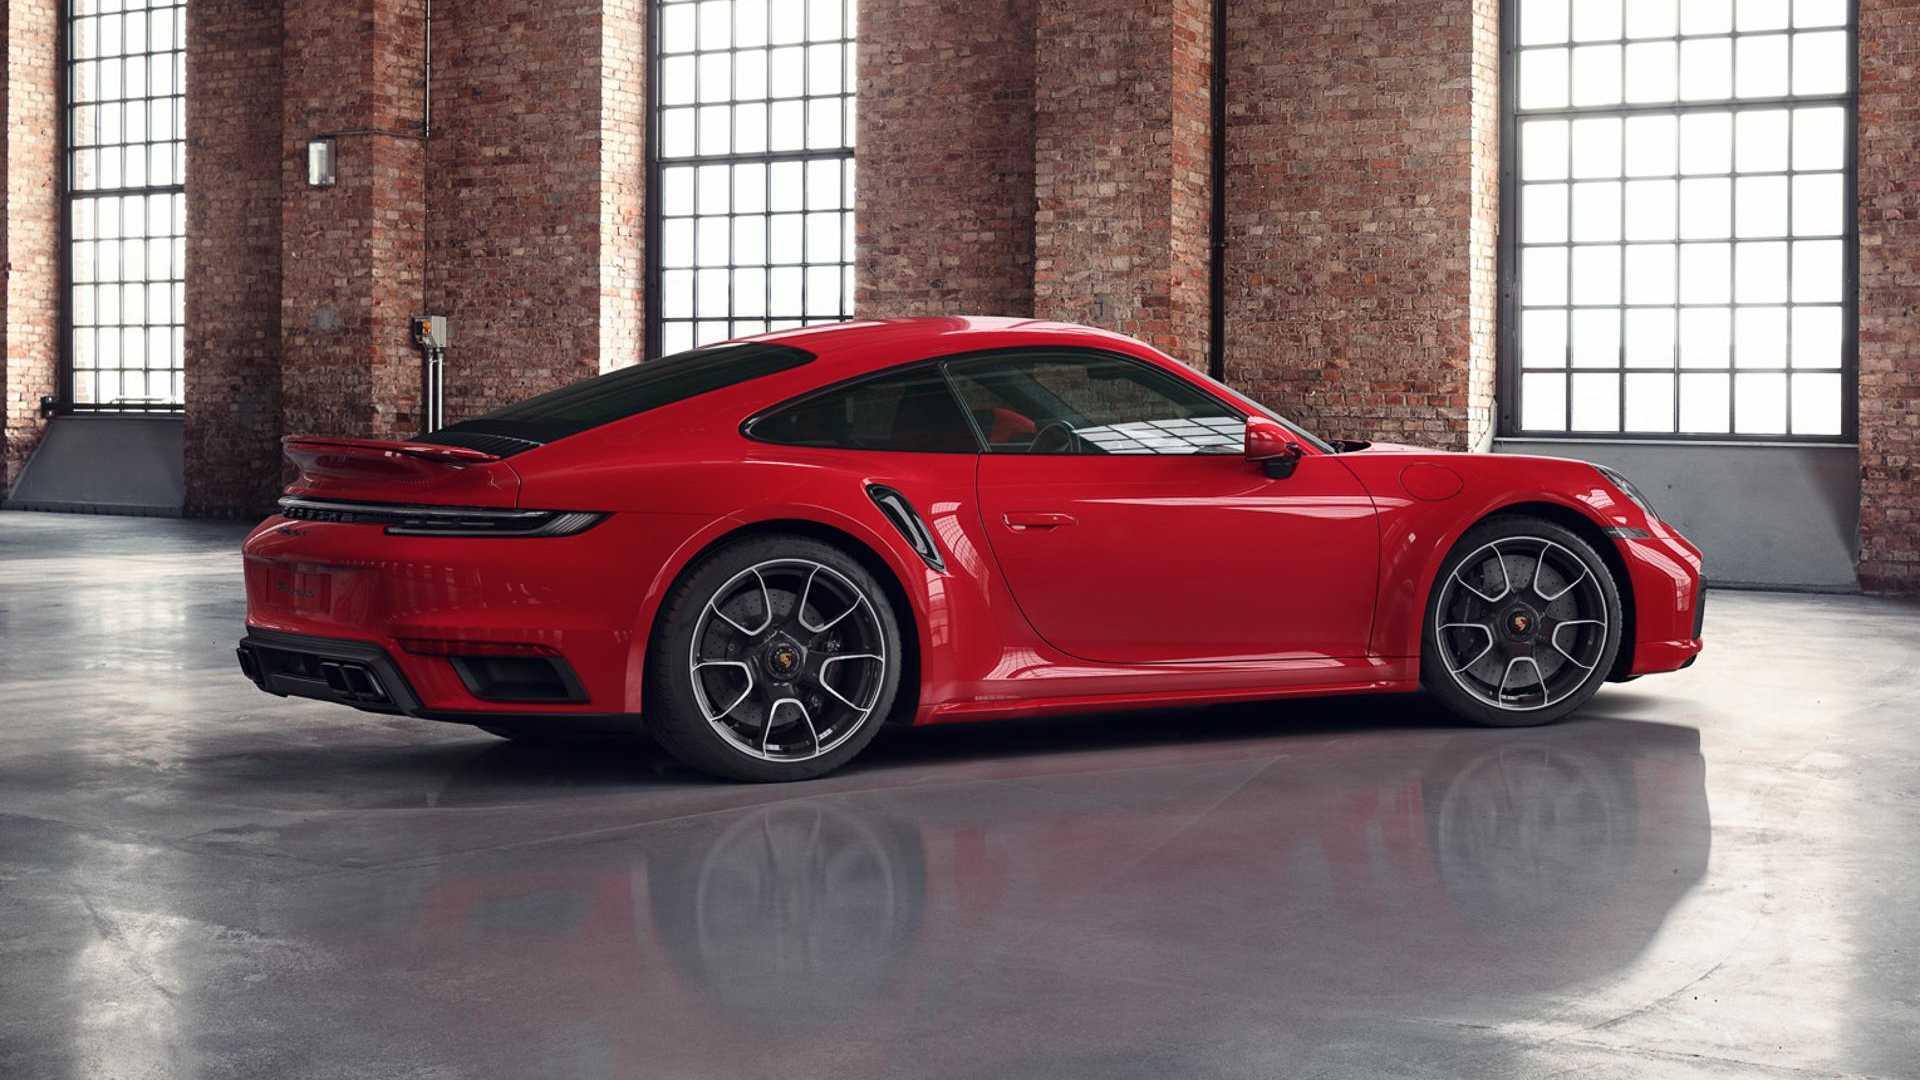 porsche-exclusive-manufaktur-911-turbo-s-guards-red